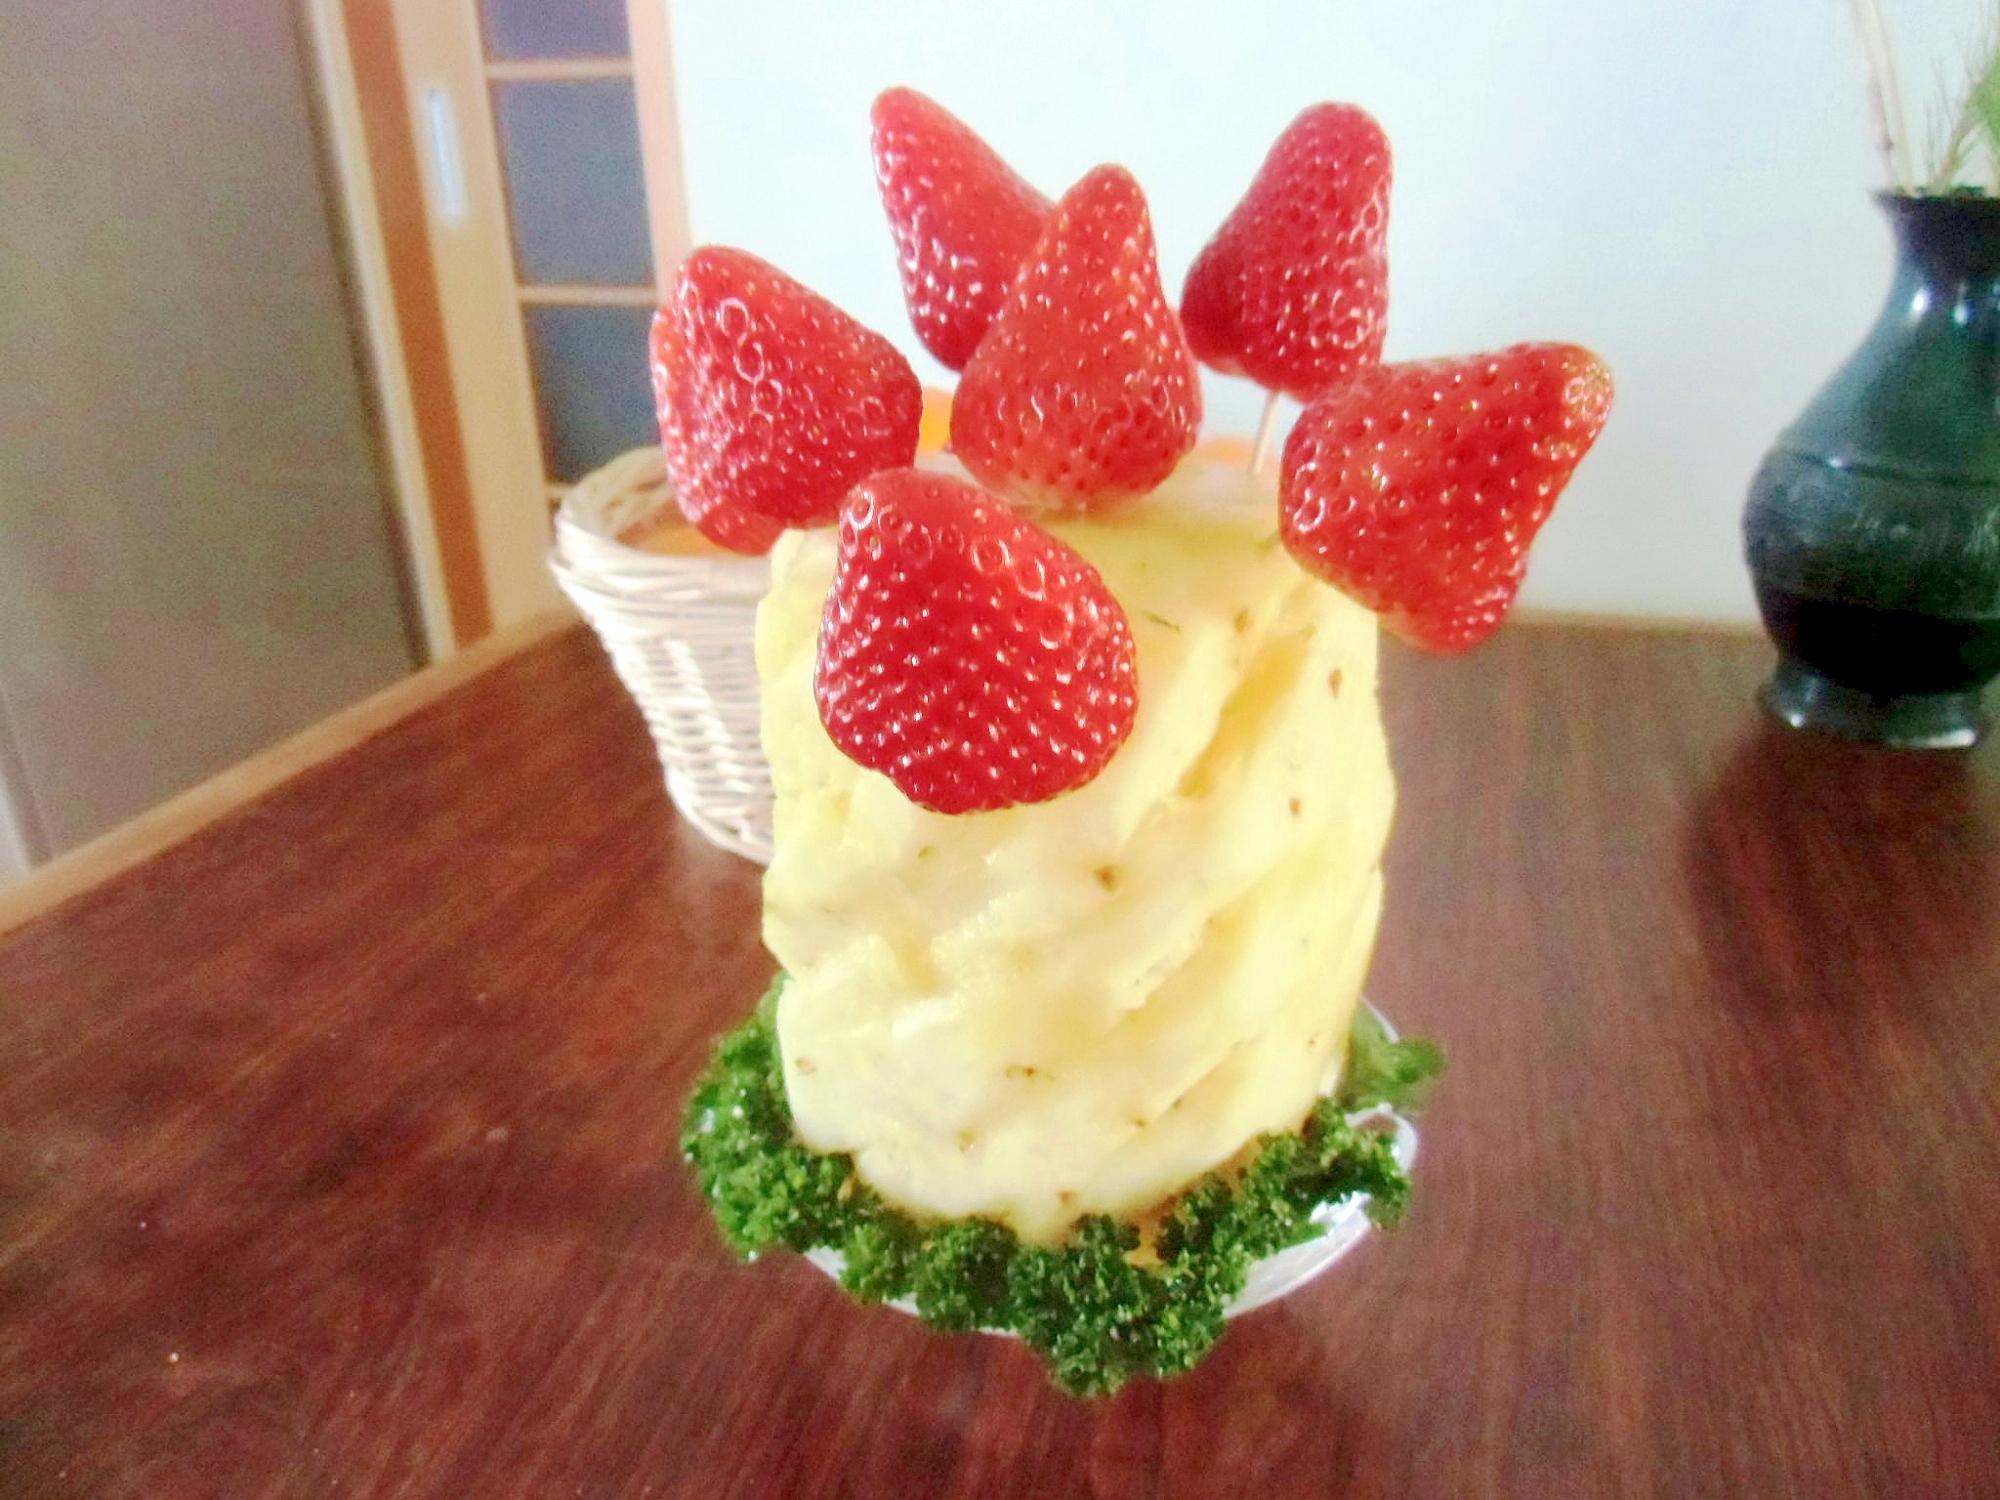 パイナップルと苺のプレゼンテーション